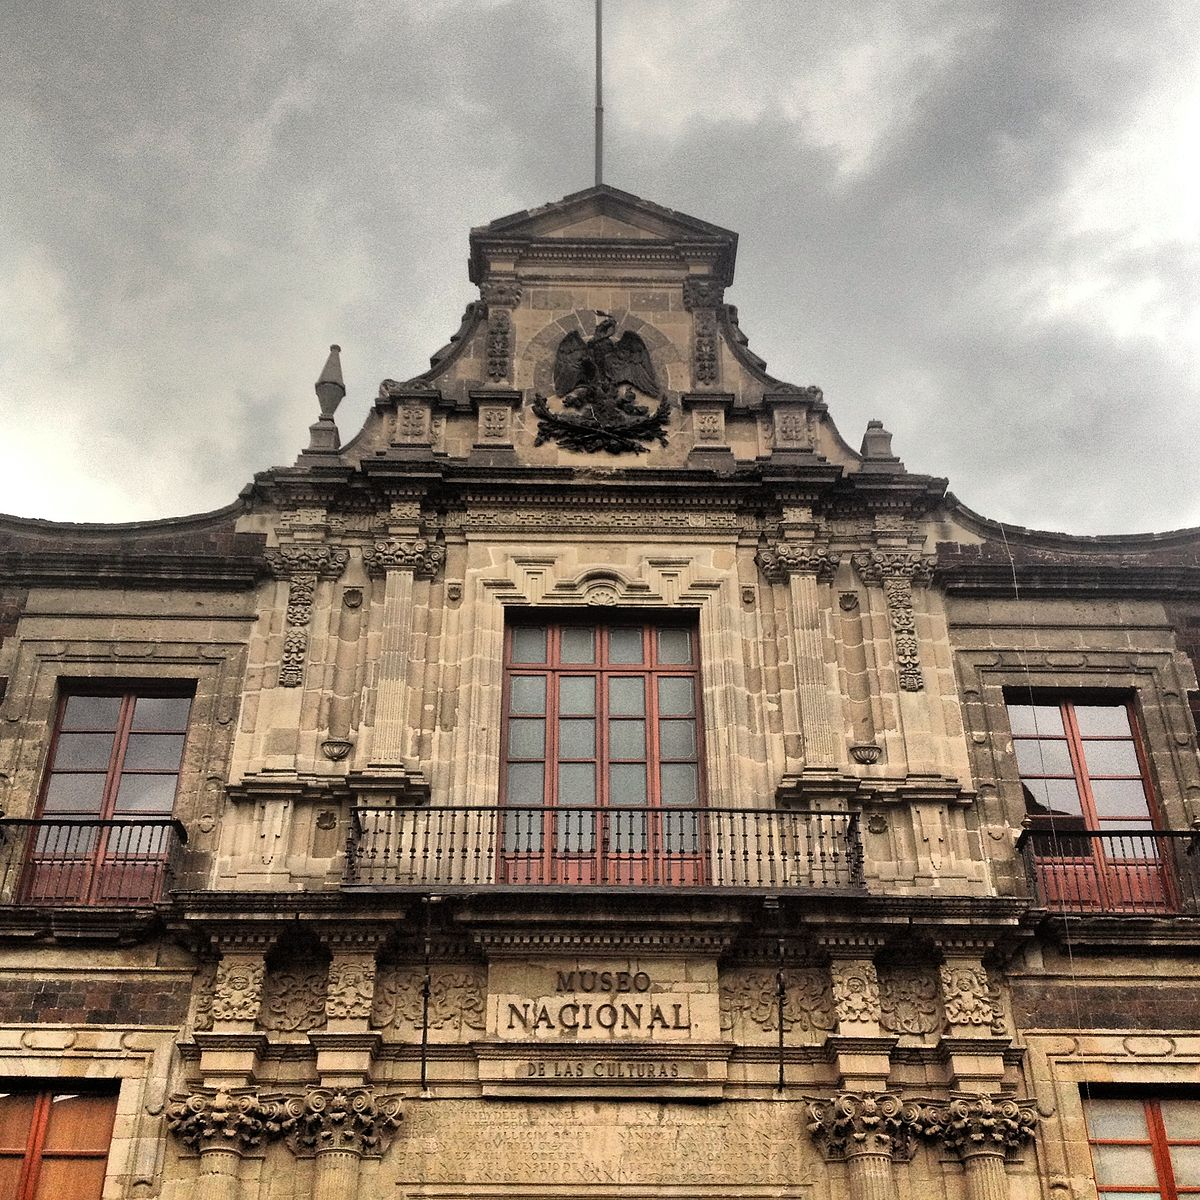 Museo nacional de las culturas wikipedia la enciclopedia libre